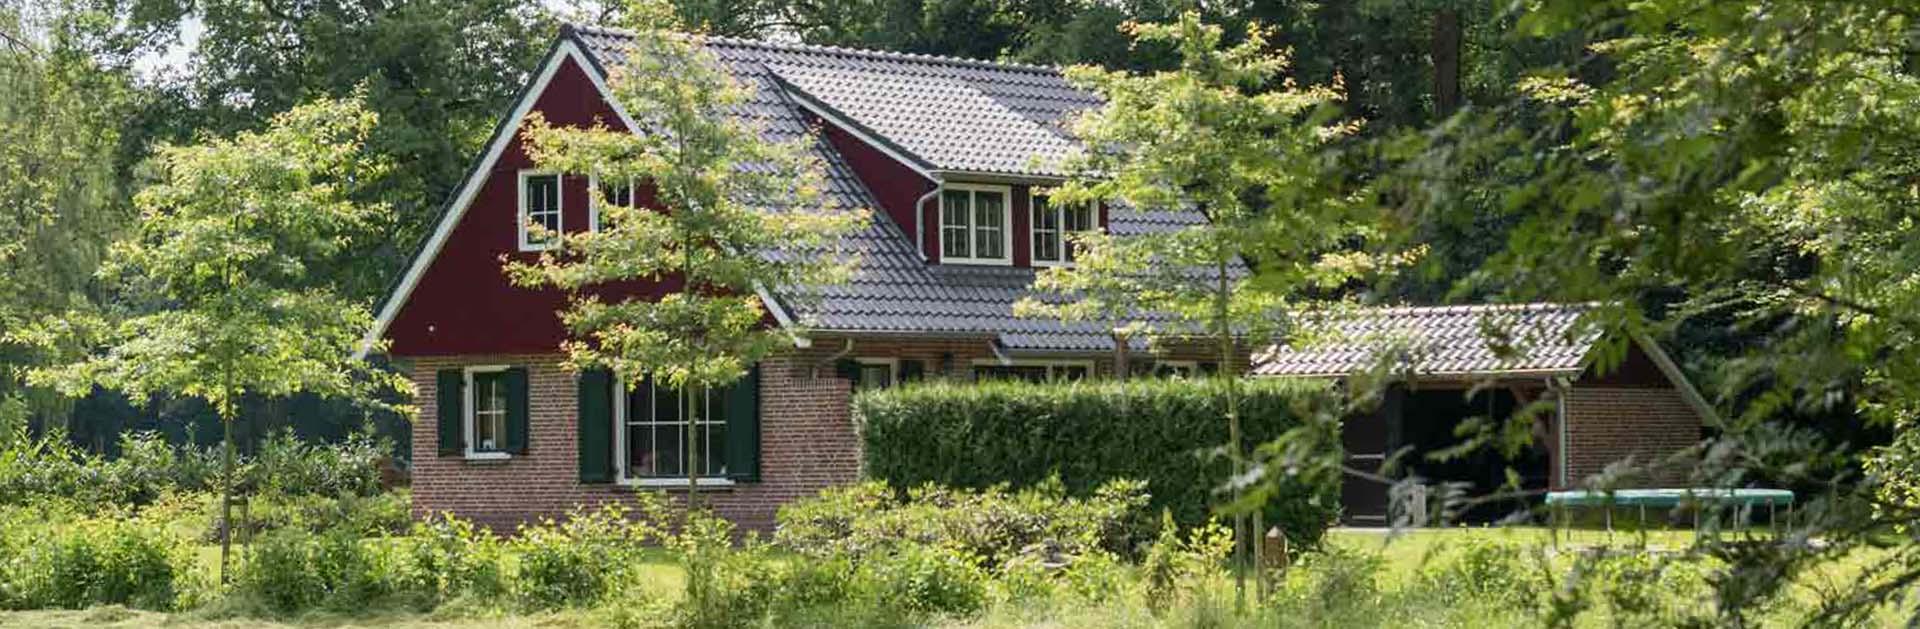 Groepsaccommodatie Kom in de Bedstee - Winterswijk - Woold